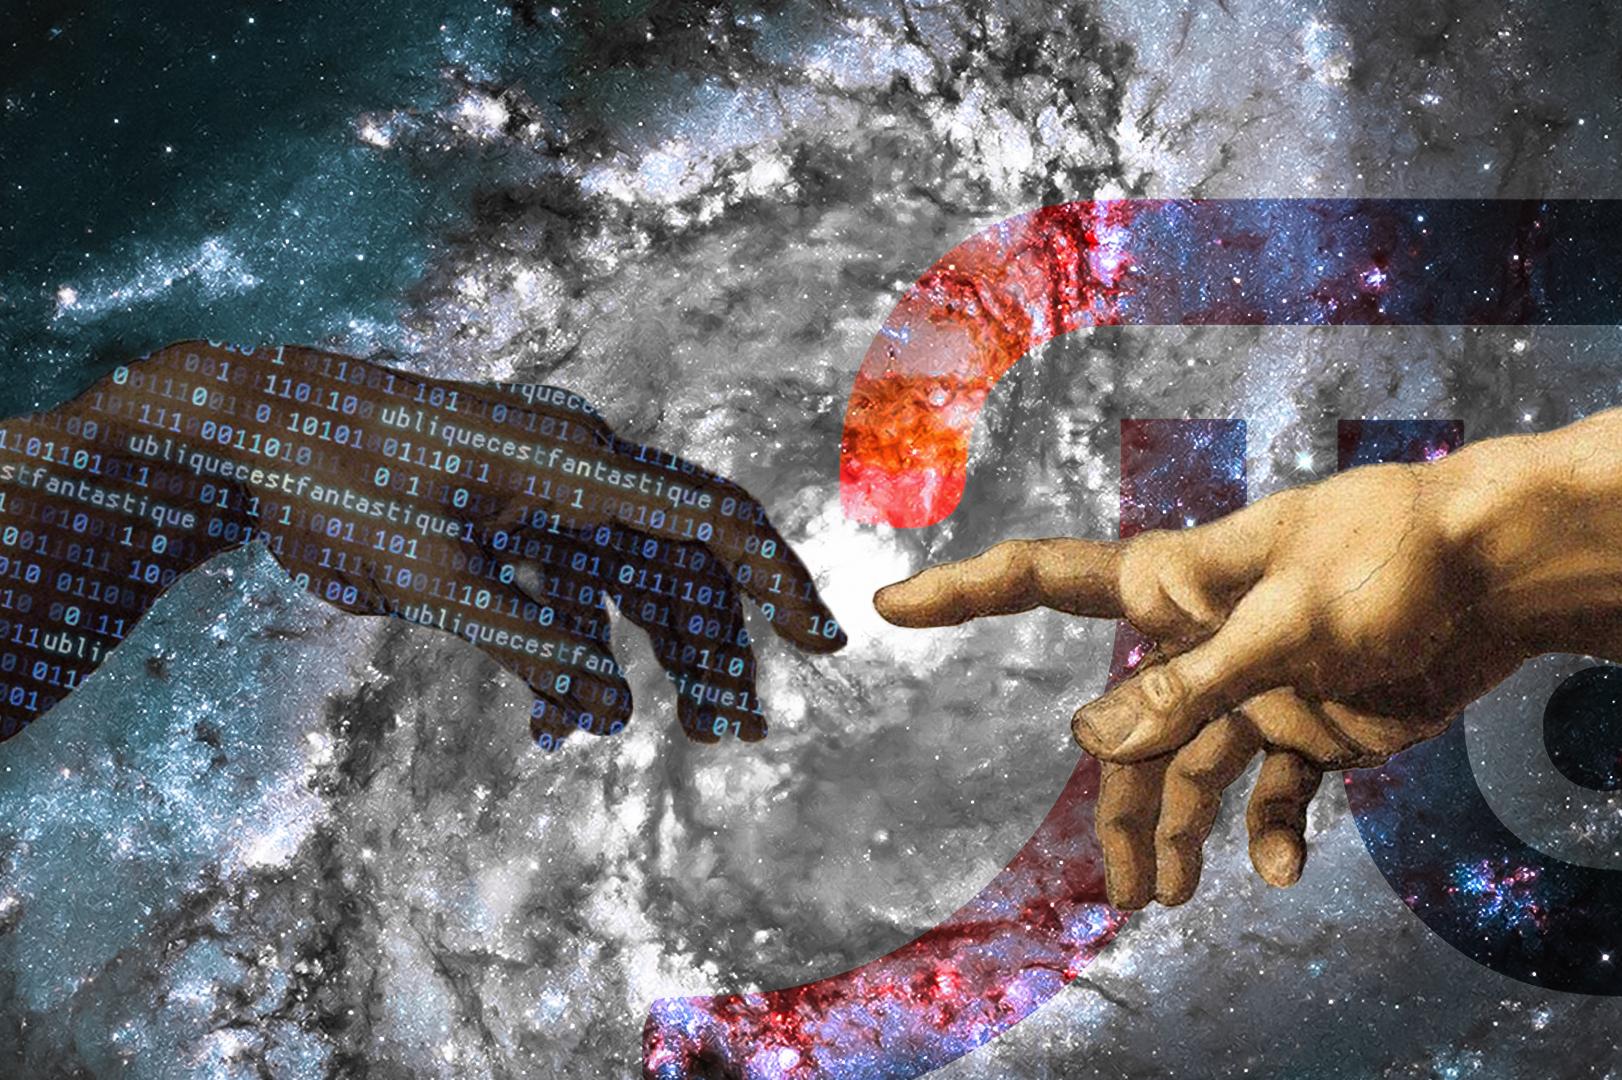 Ublique creazione